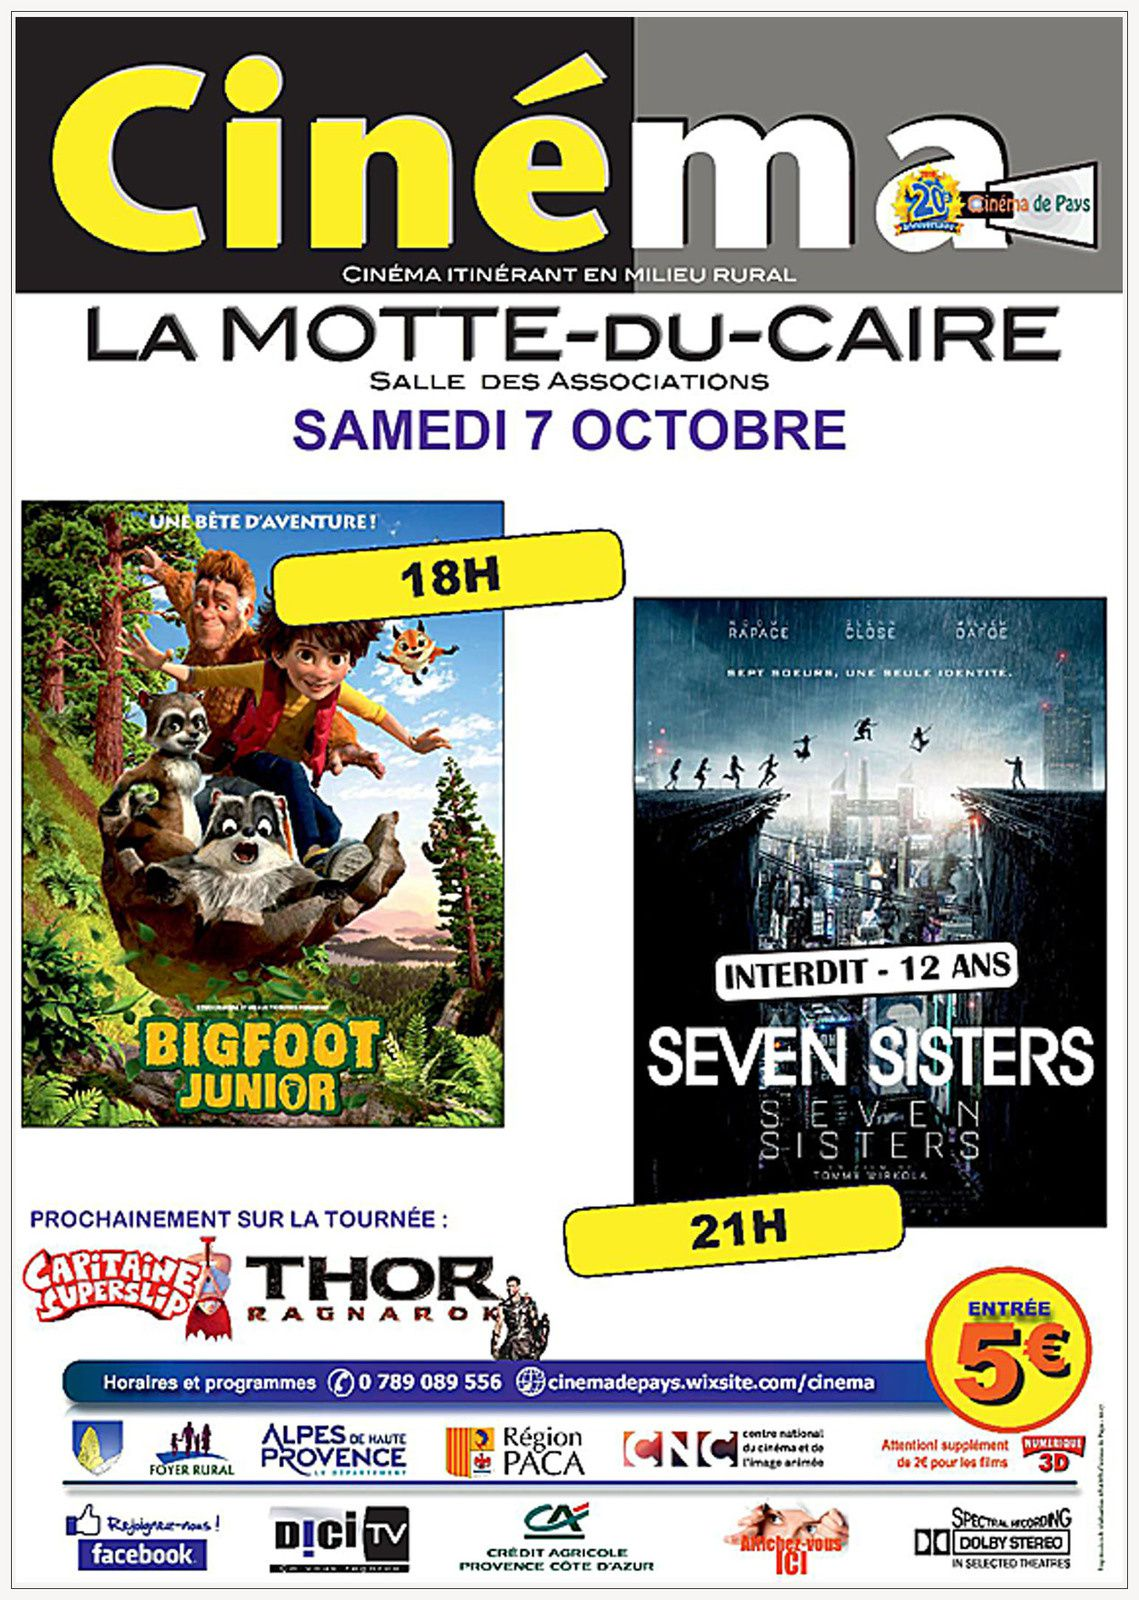 Affiches cinéma de Pays  et cinéma de Vinon sur Verdon et l'agenda des programmations